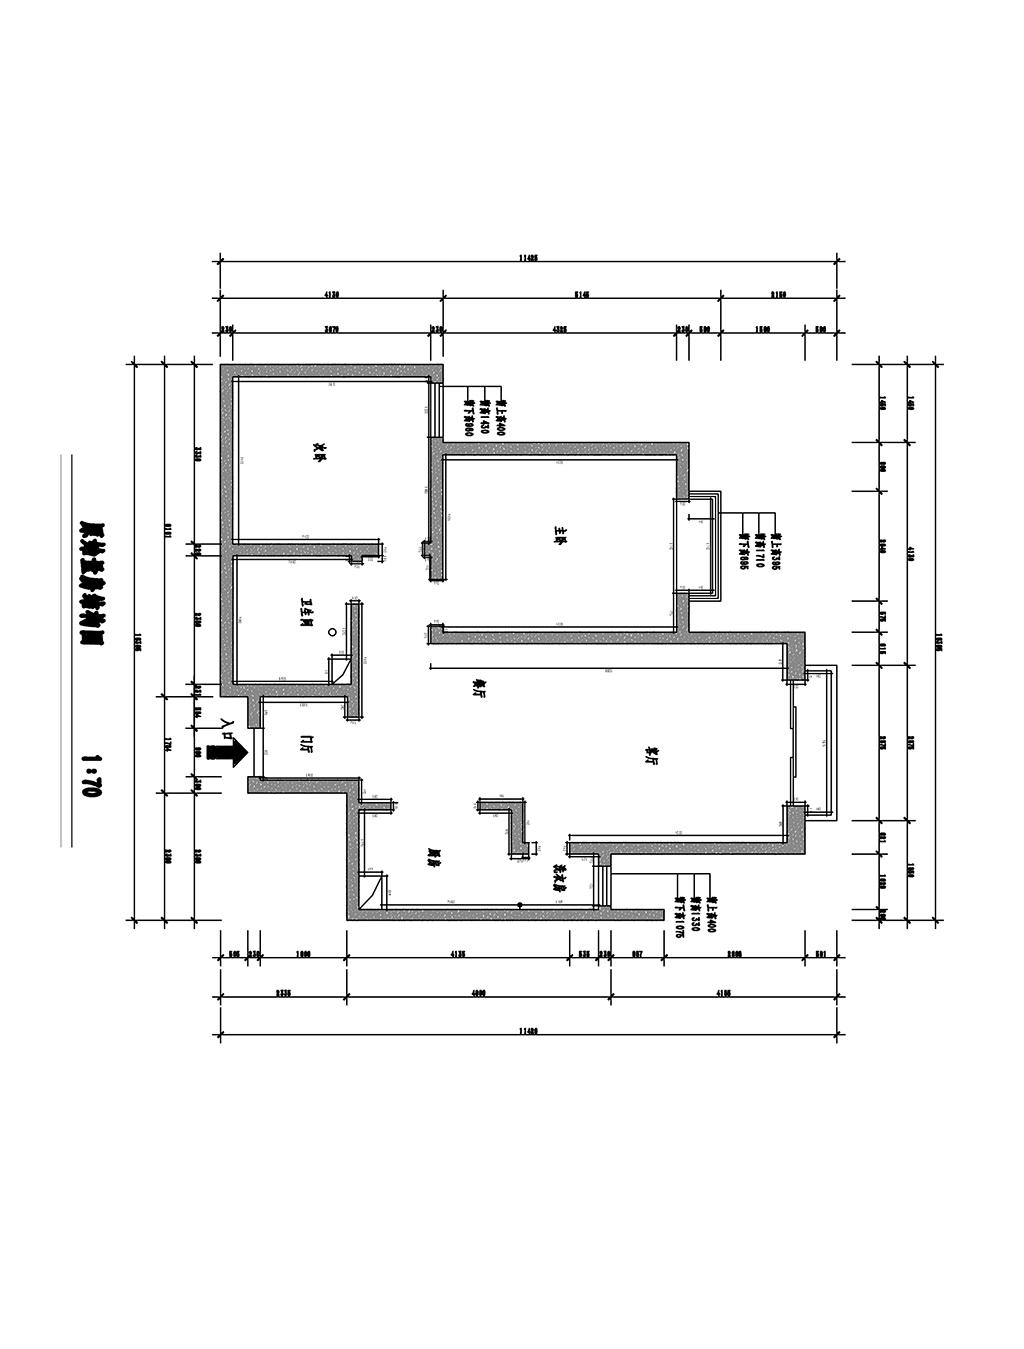 格林小镇-120平米-新中式风格两室一厅一厨一卫装修案例效果图装修设计理念